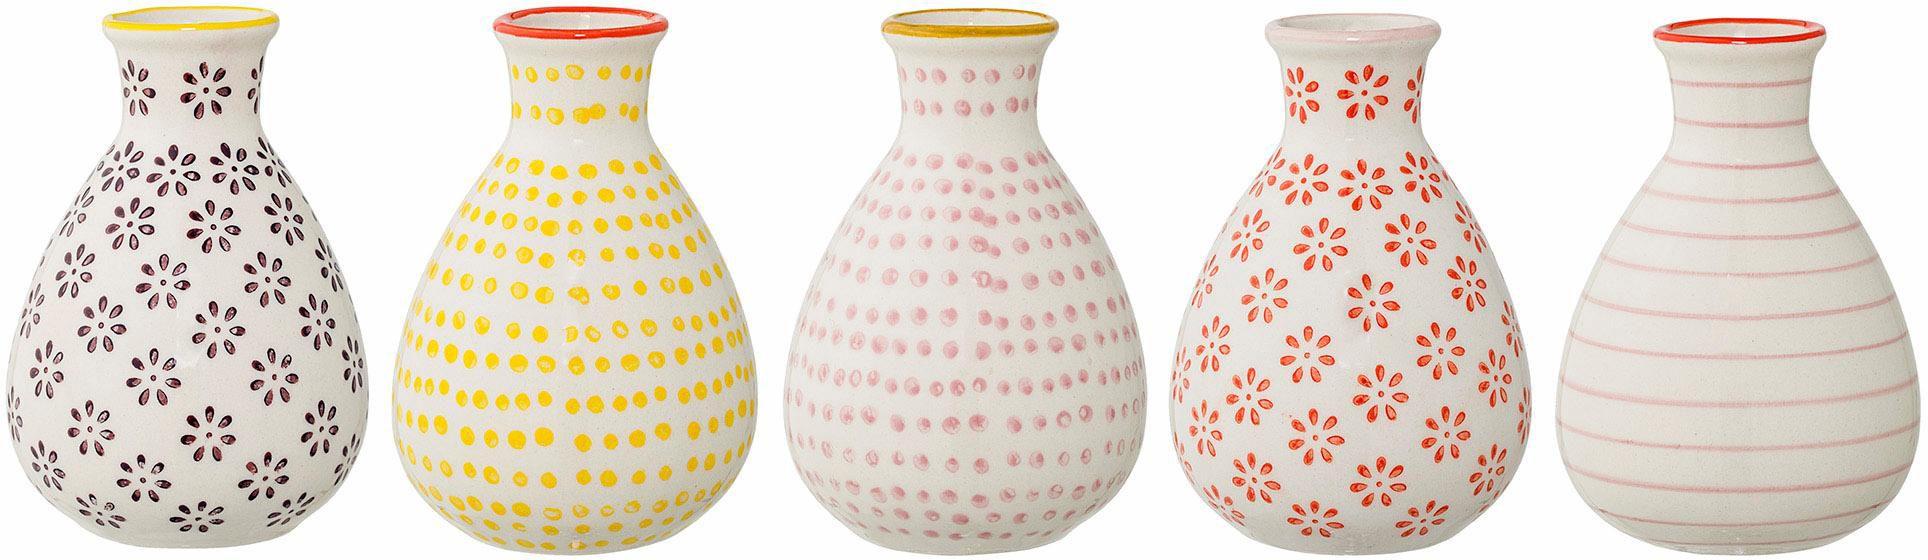 BLOOMINGVILLE AS Bloomingville Vasen (5-tlg. Set)